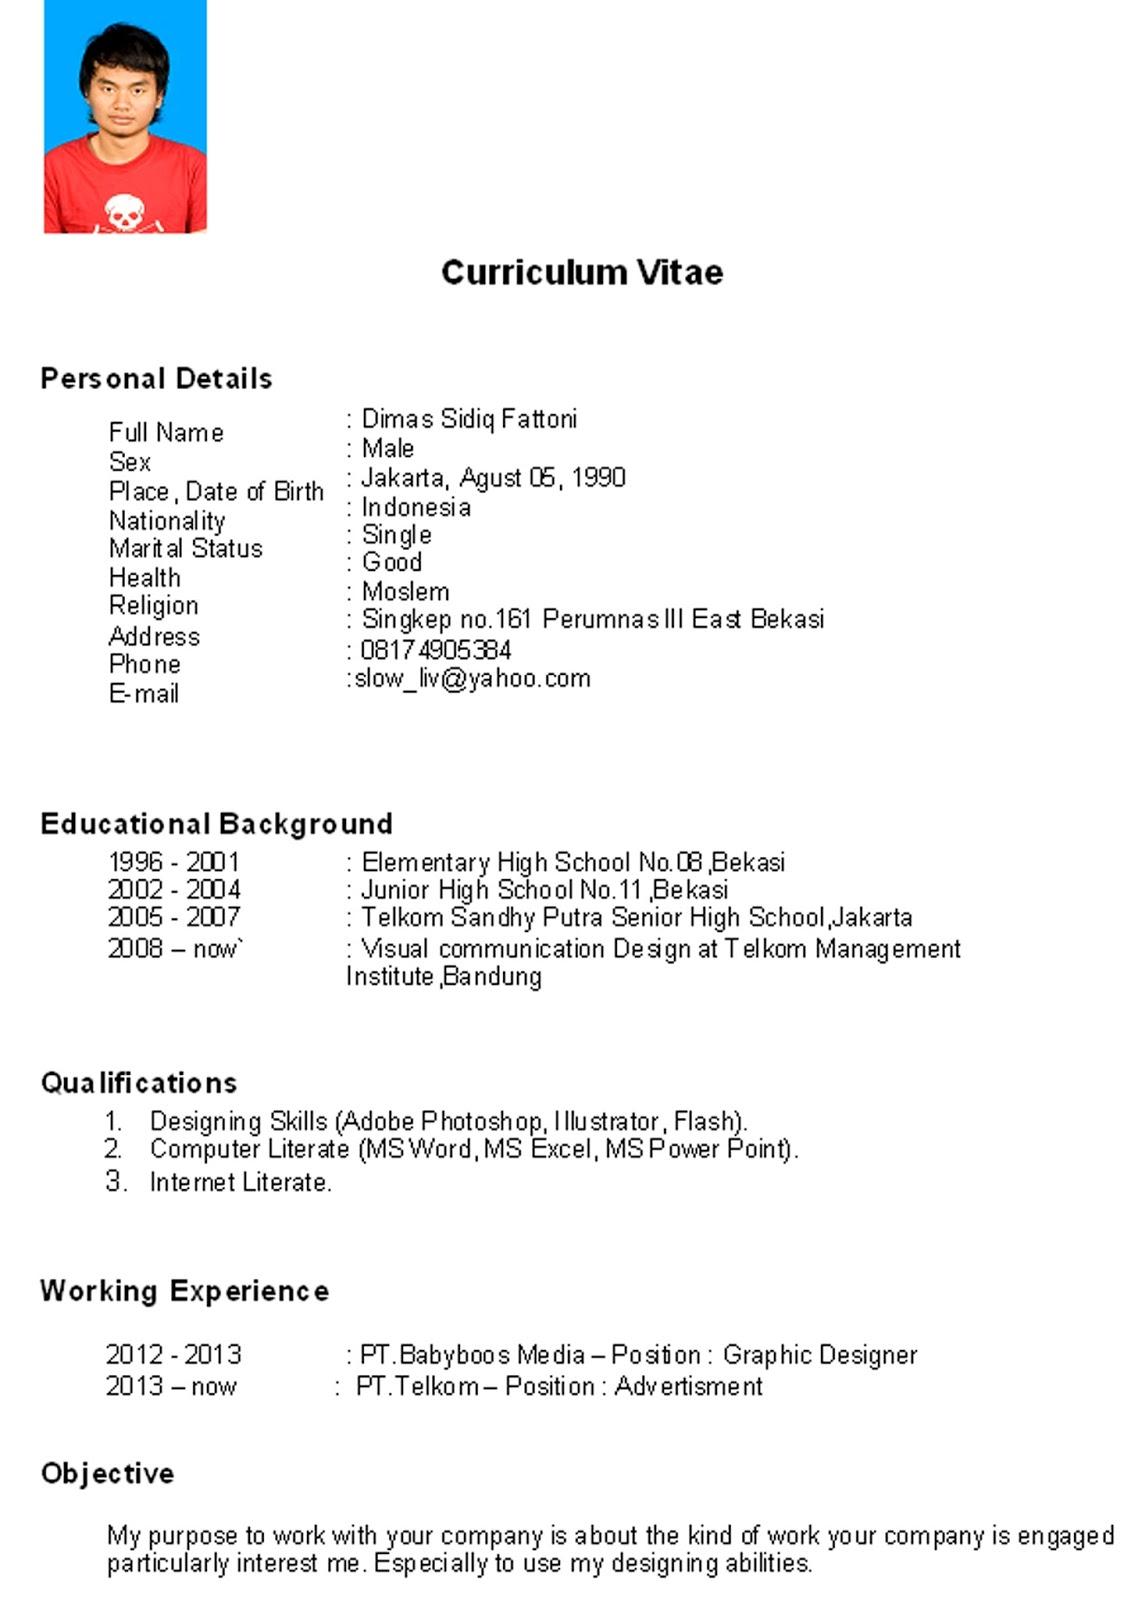 Curriculum Vitae Sample Bahasa Indonesia Marchigianadoc Tk